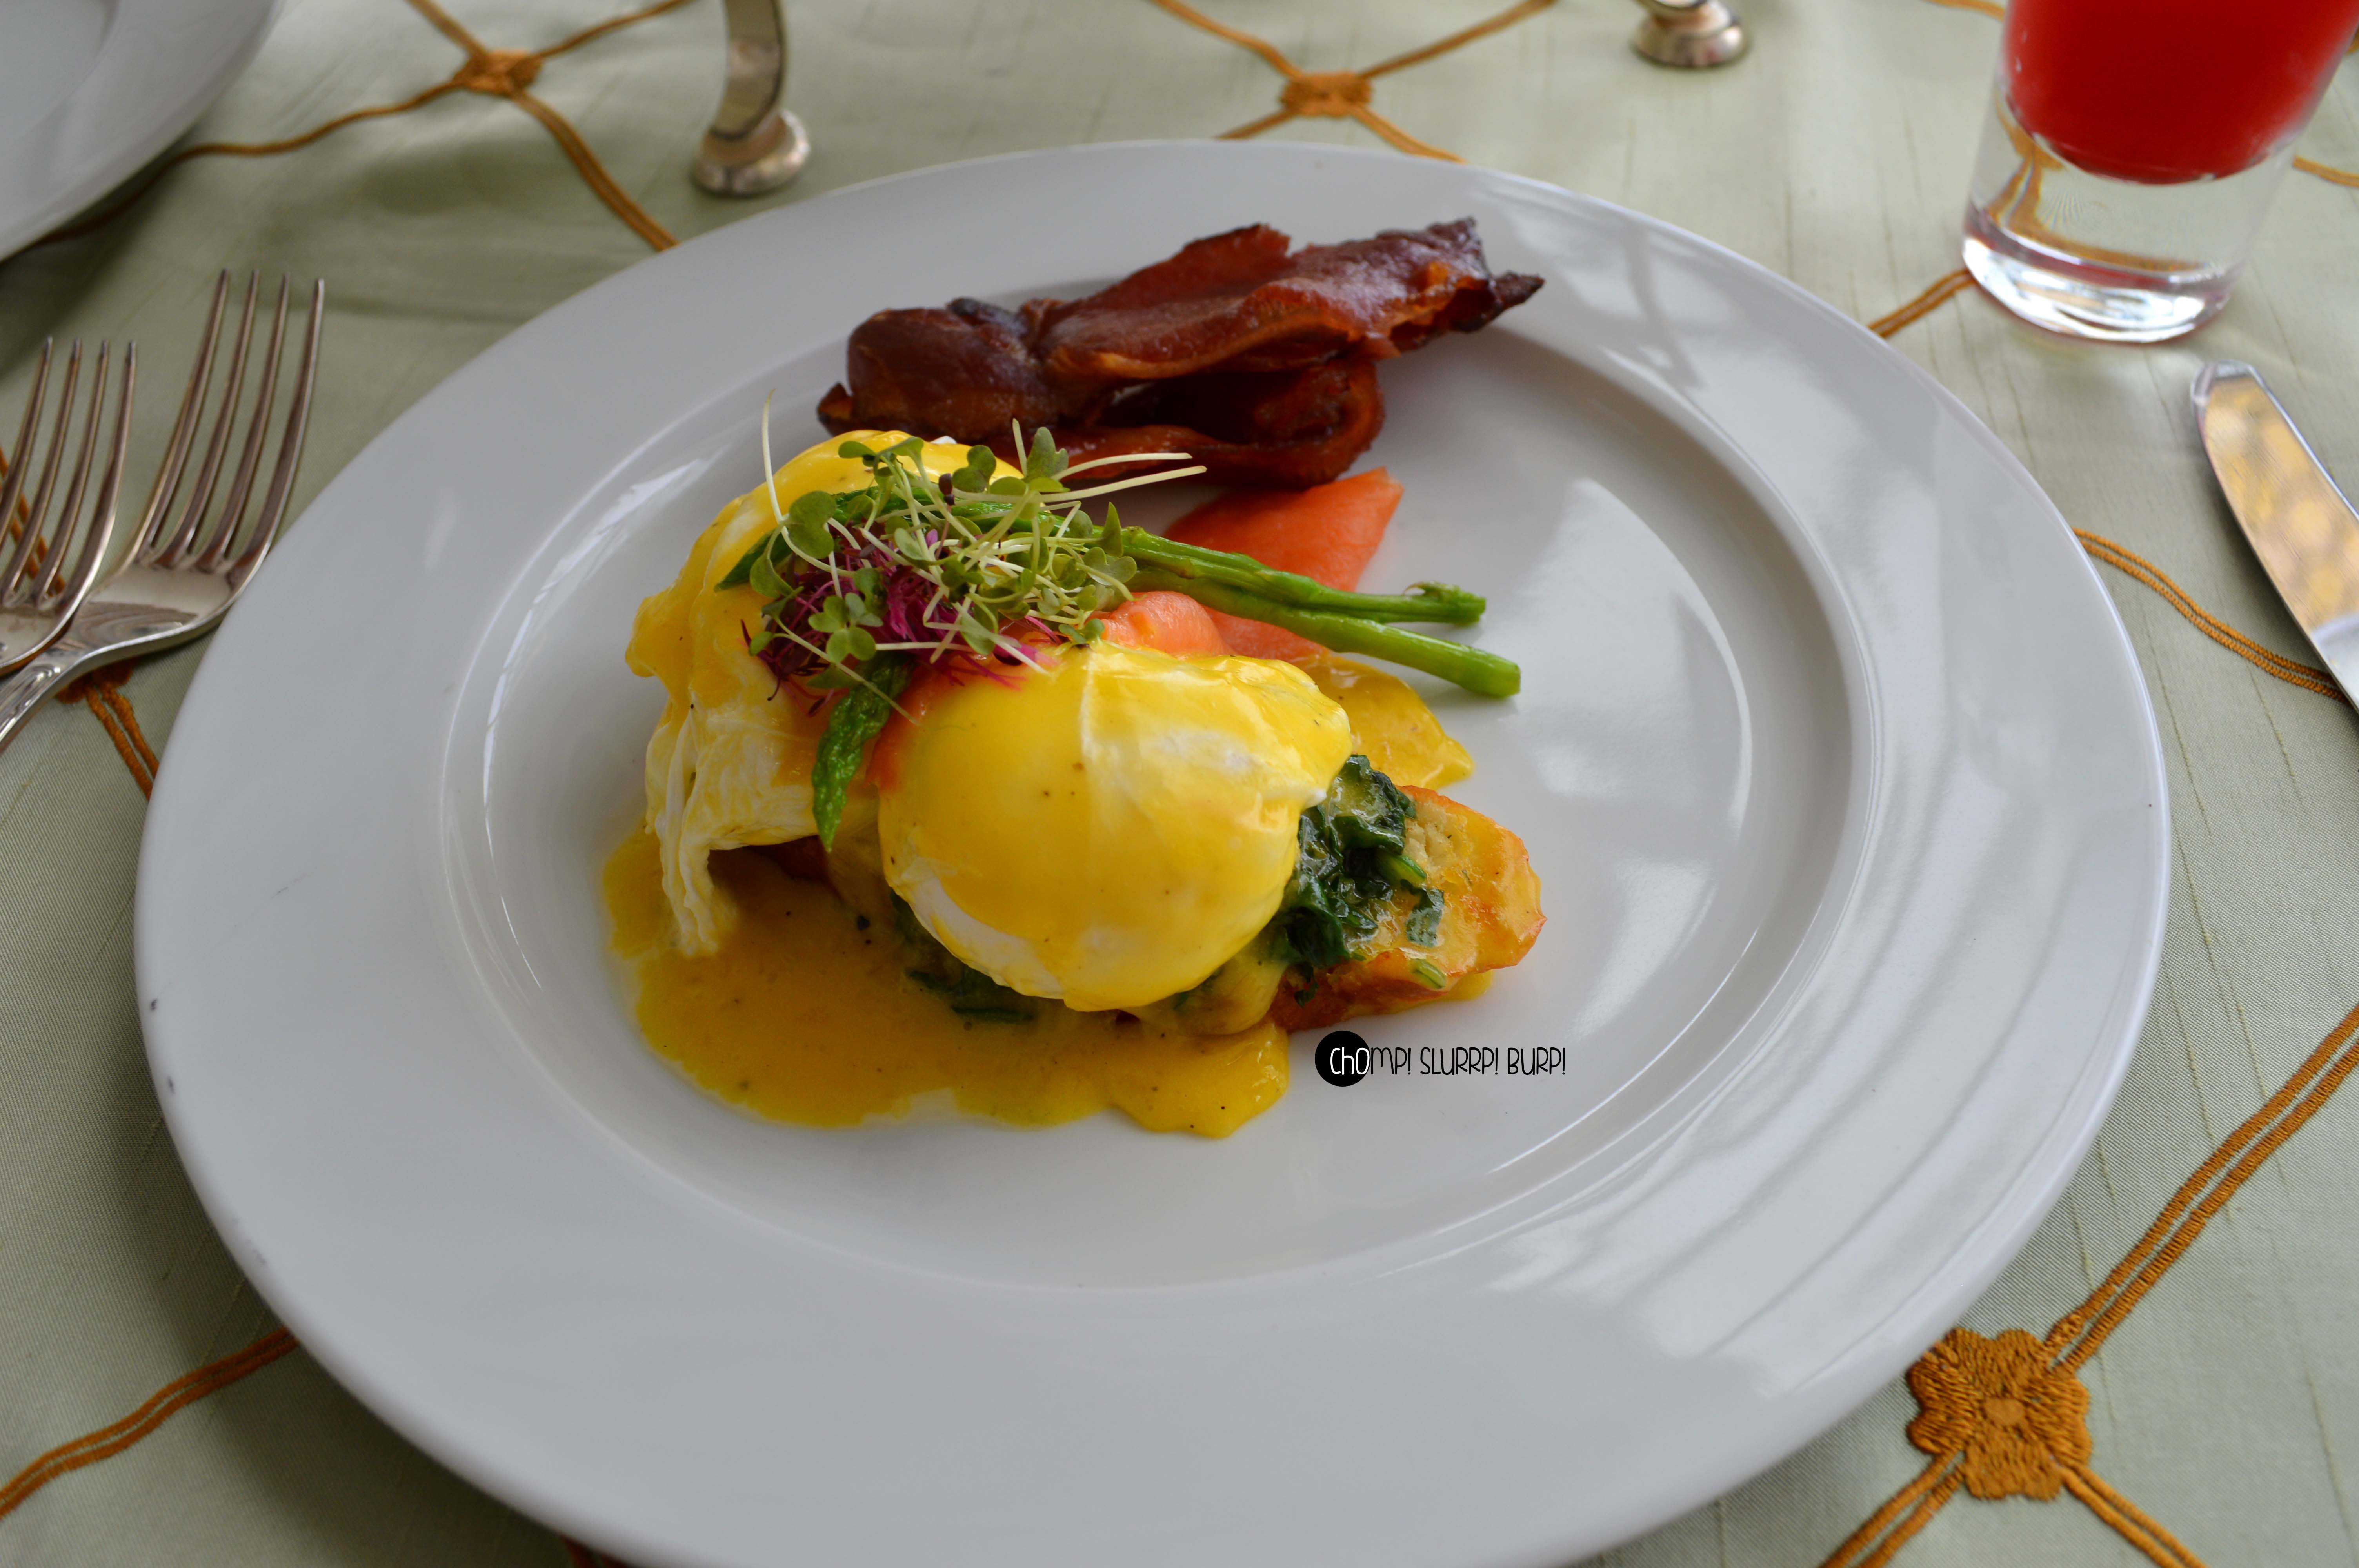 Breakfast at Celeste